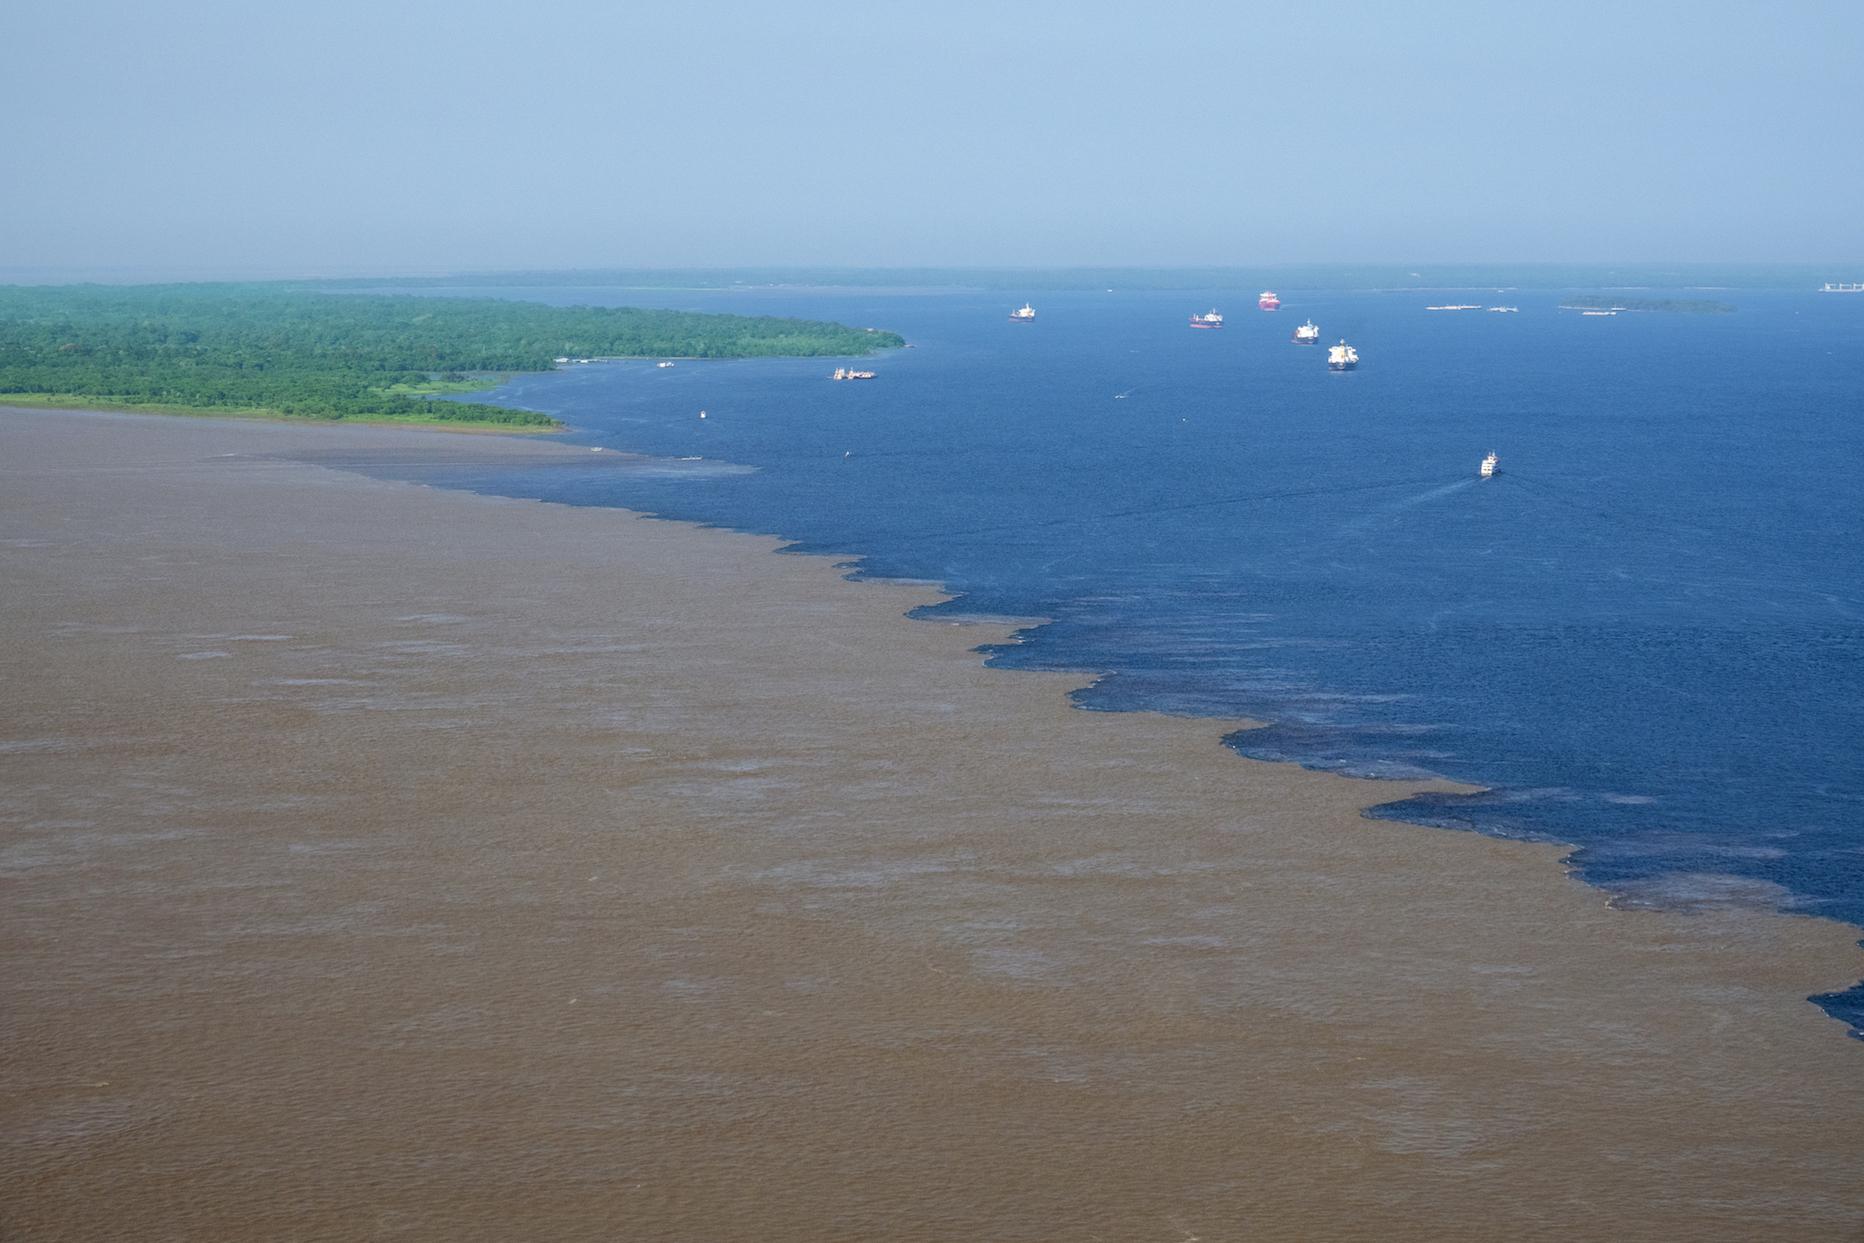 Rio Negro and Rio Solimoes in Brazil